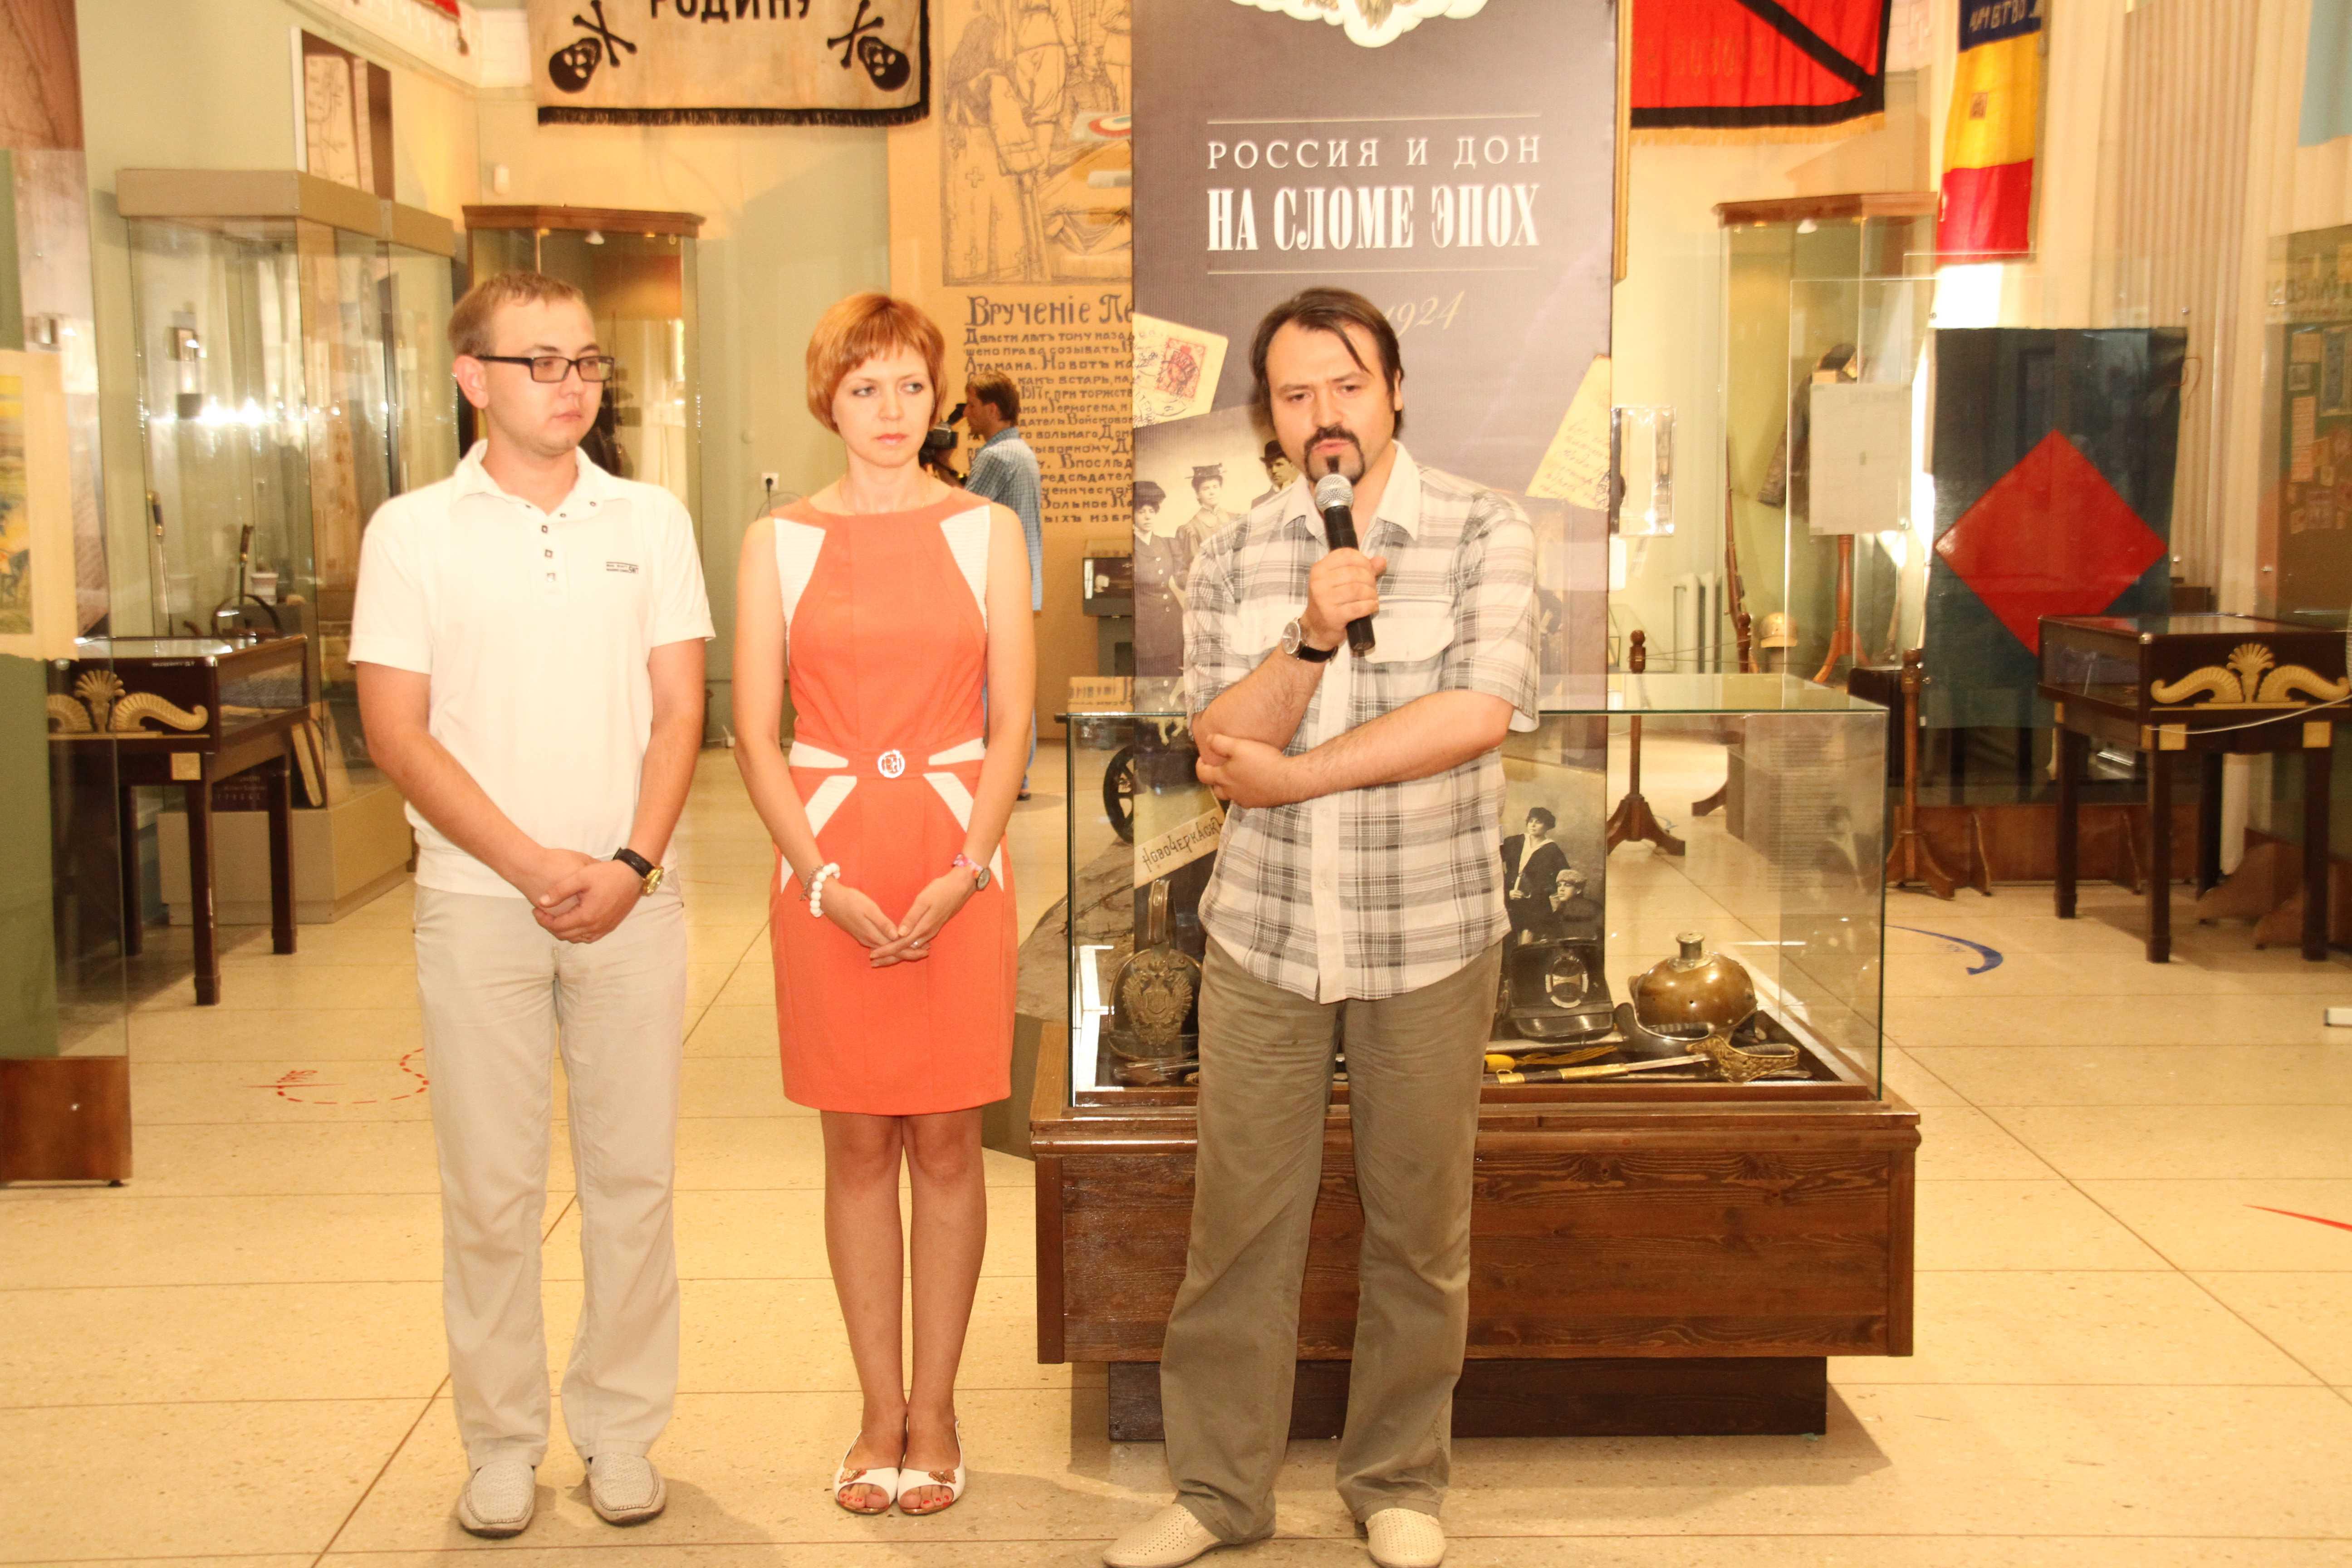 Открытие выставки «Россия и Дон на сломе эпох»